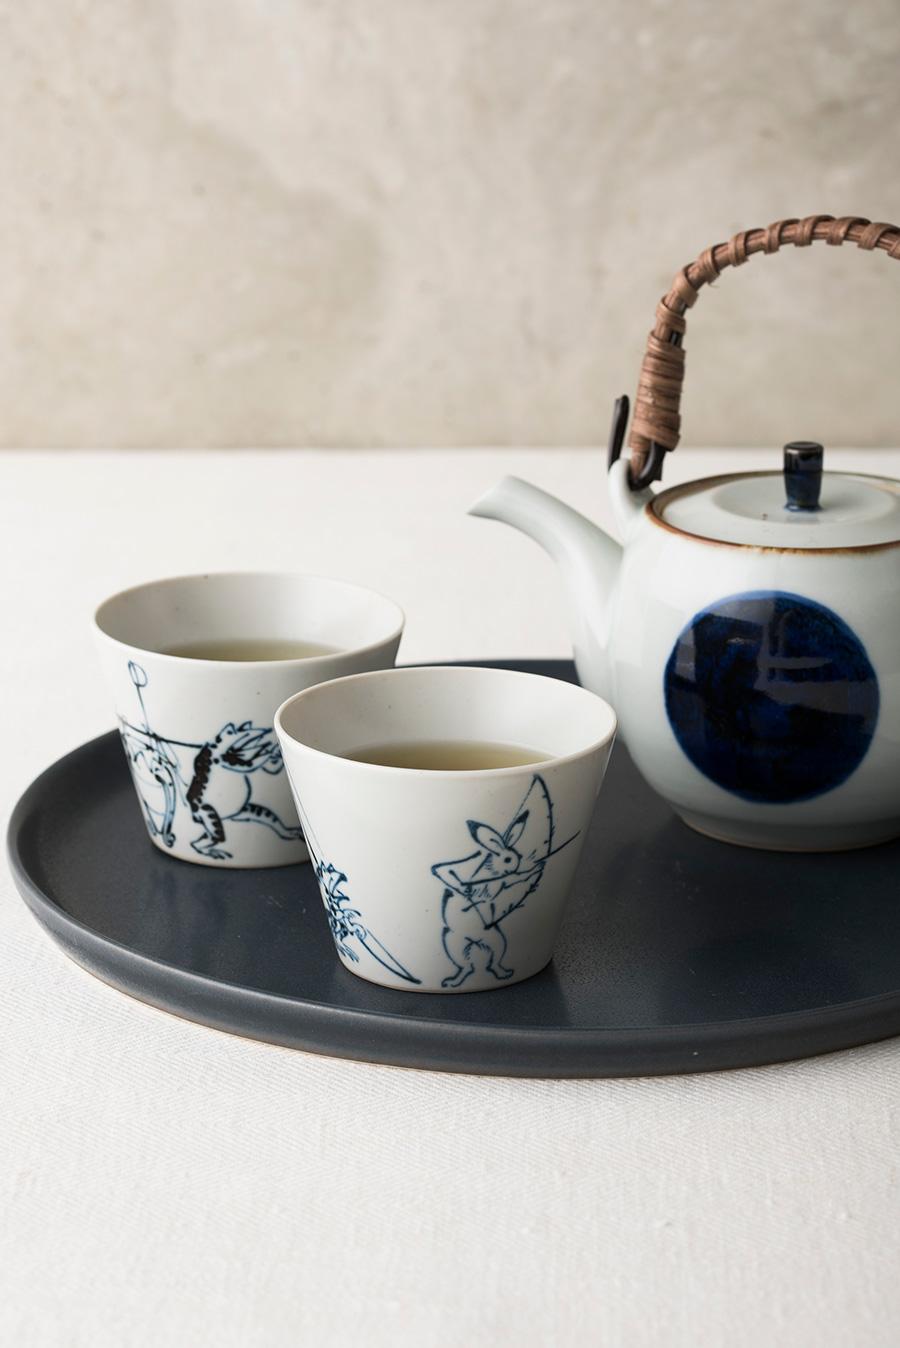 湯のみ茶碗にもちょうどいいサイズ。いろは 土瓶  ¥3,800